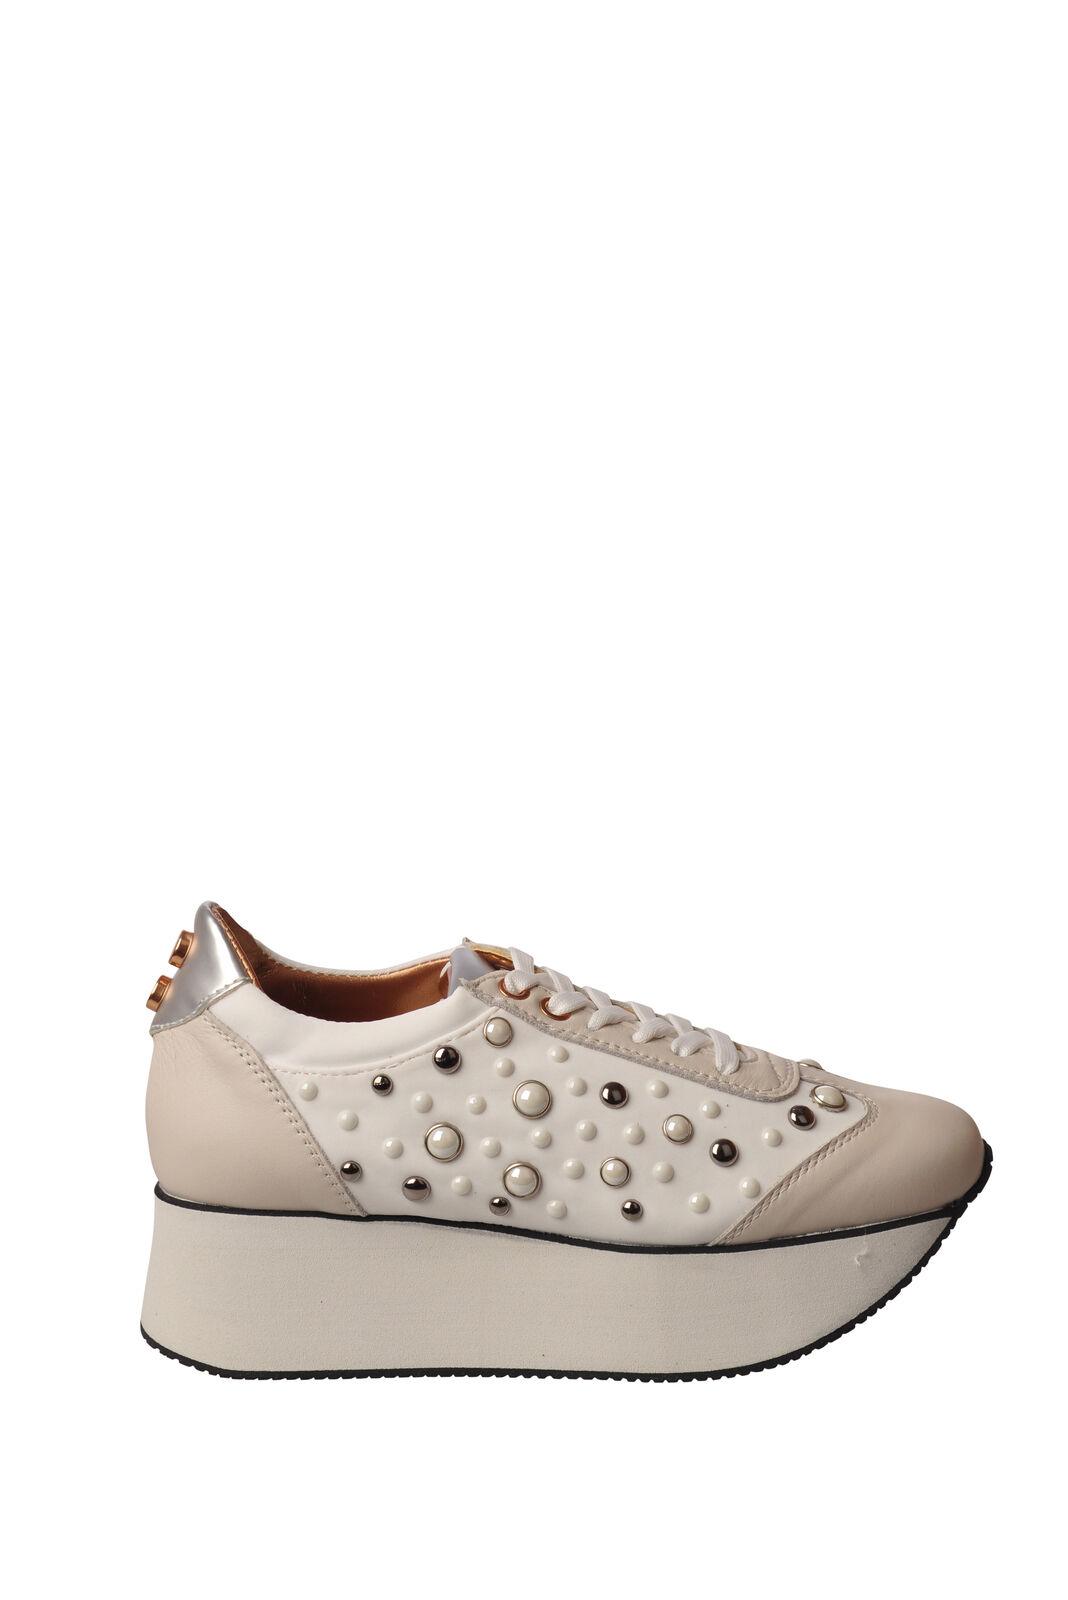 Sconto del 60% Alexander Smith - scarpe-scarpe da ginnastica low - Donna Donna Donna - bianca - 5265416F184118  molte concessioni